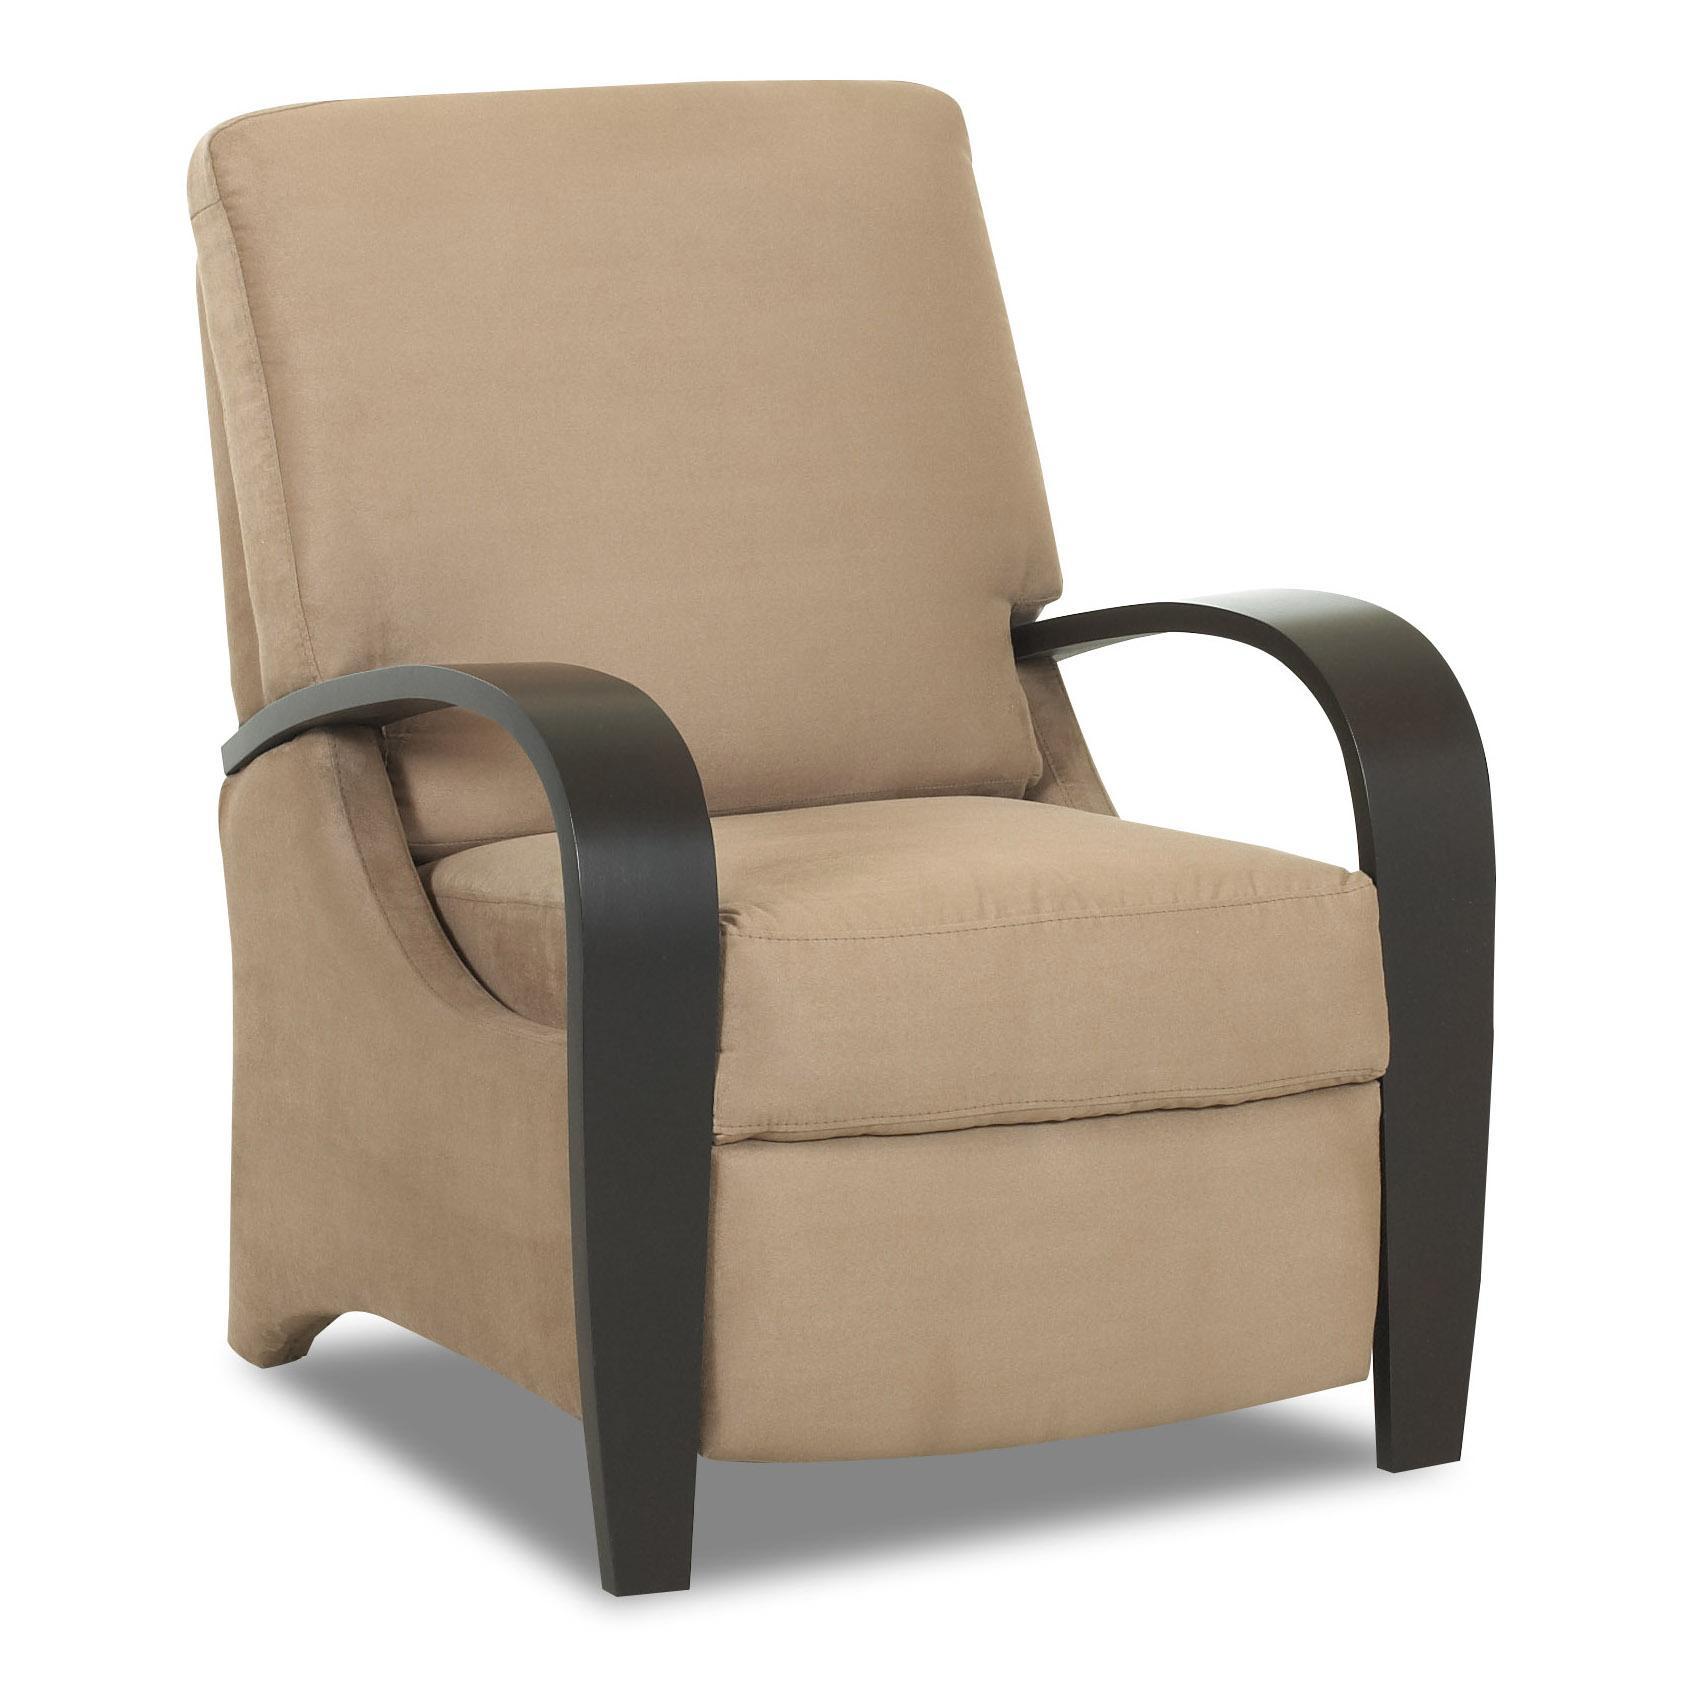 Ralph High Leg Reclining Chair